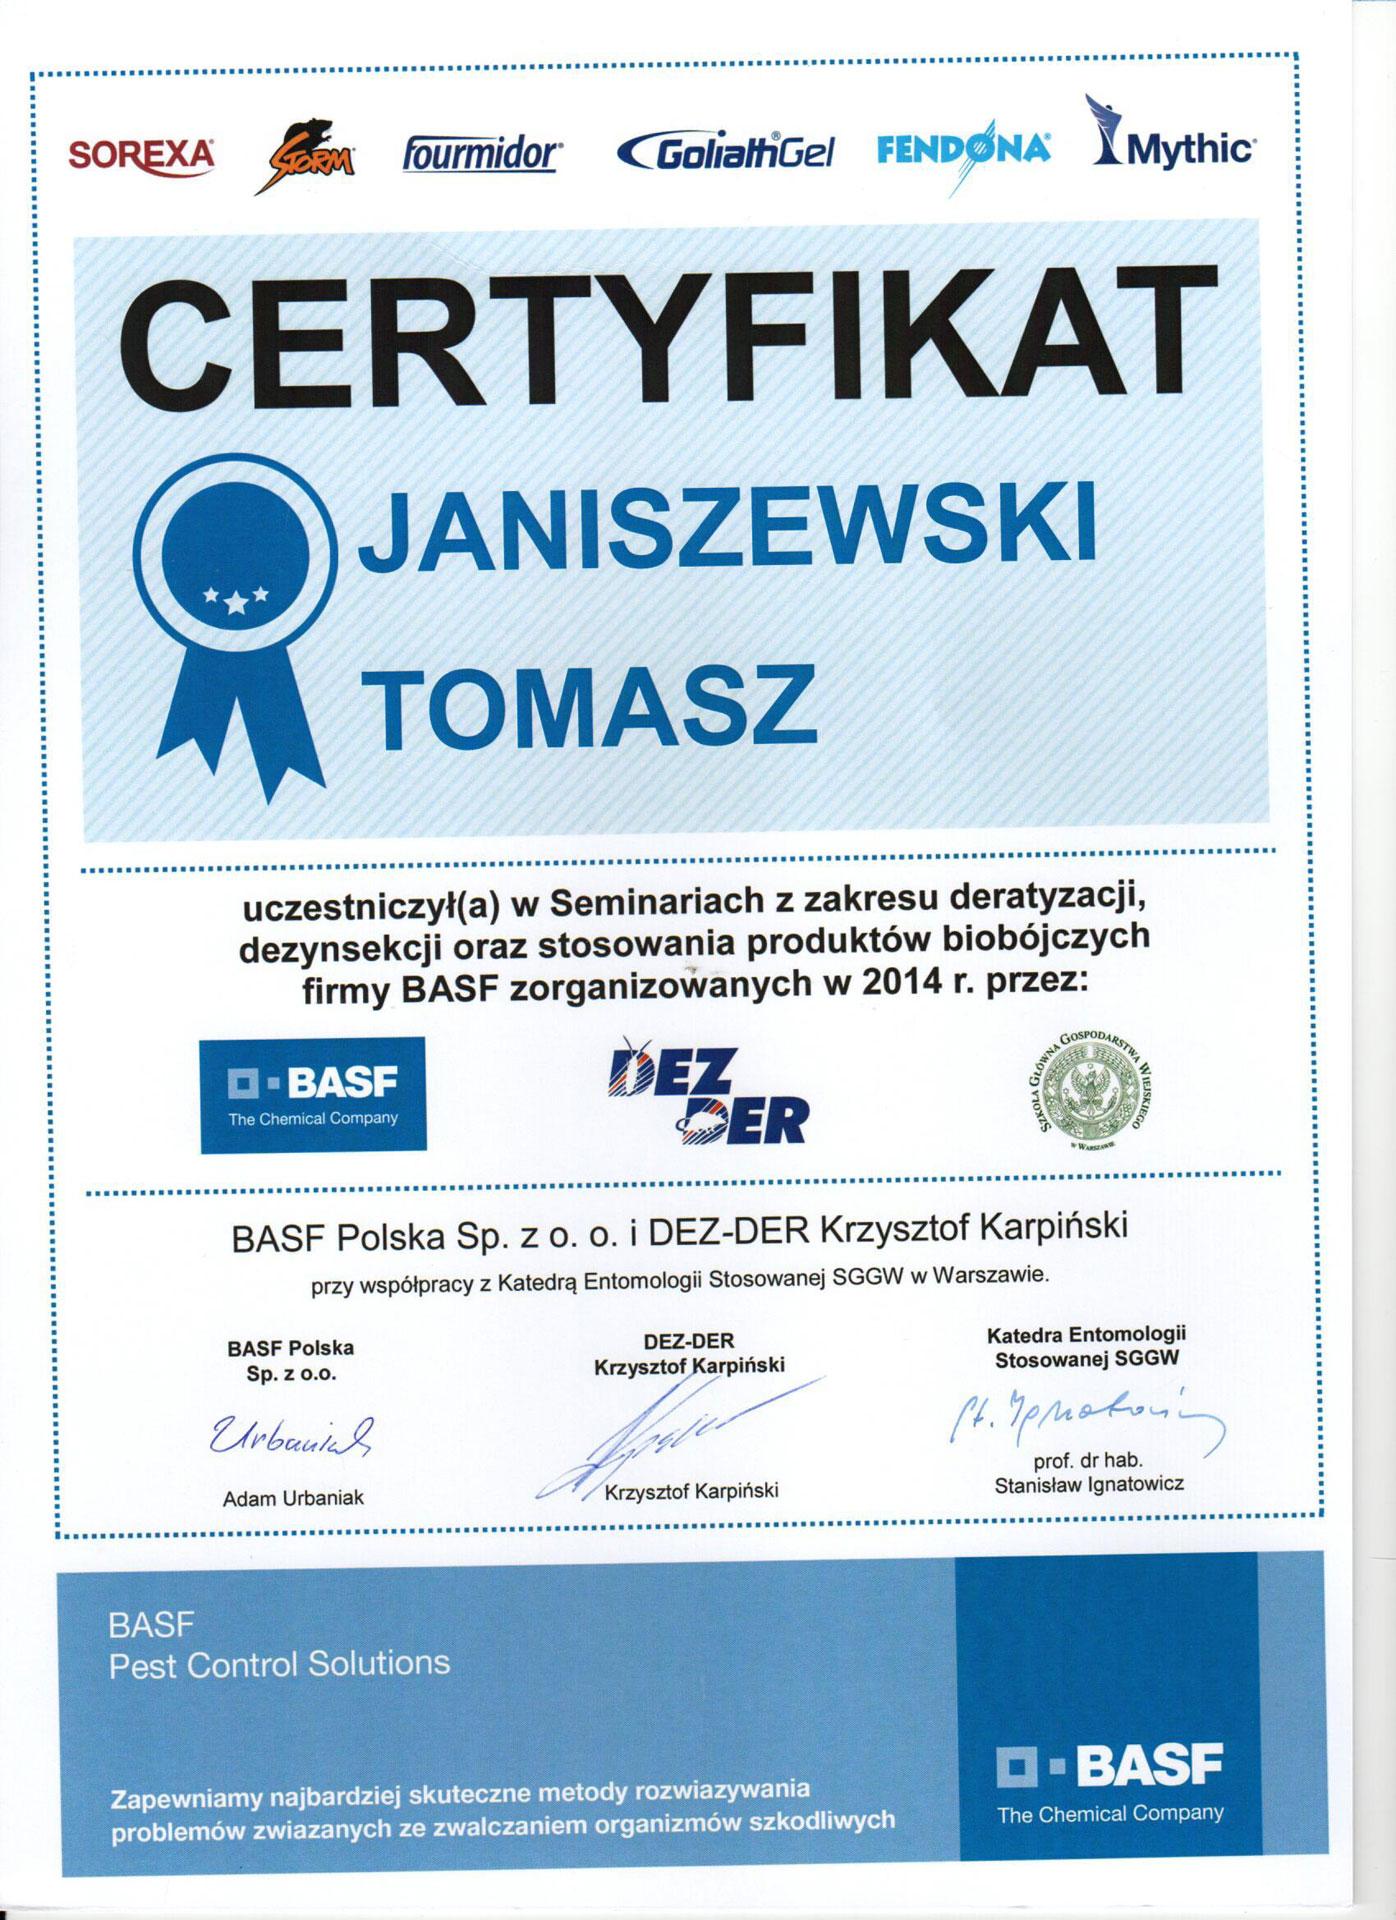 Seminarium z zakresu deratyzacji, dezynsekcji oraz stosowania produktów biobójczych firmy BASF